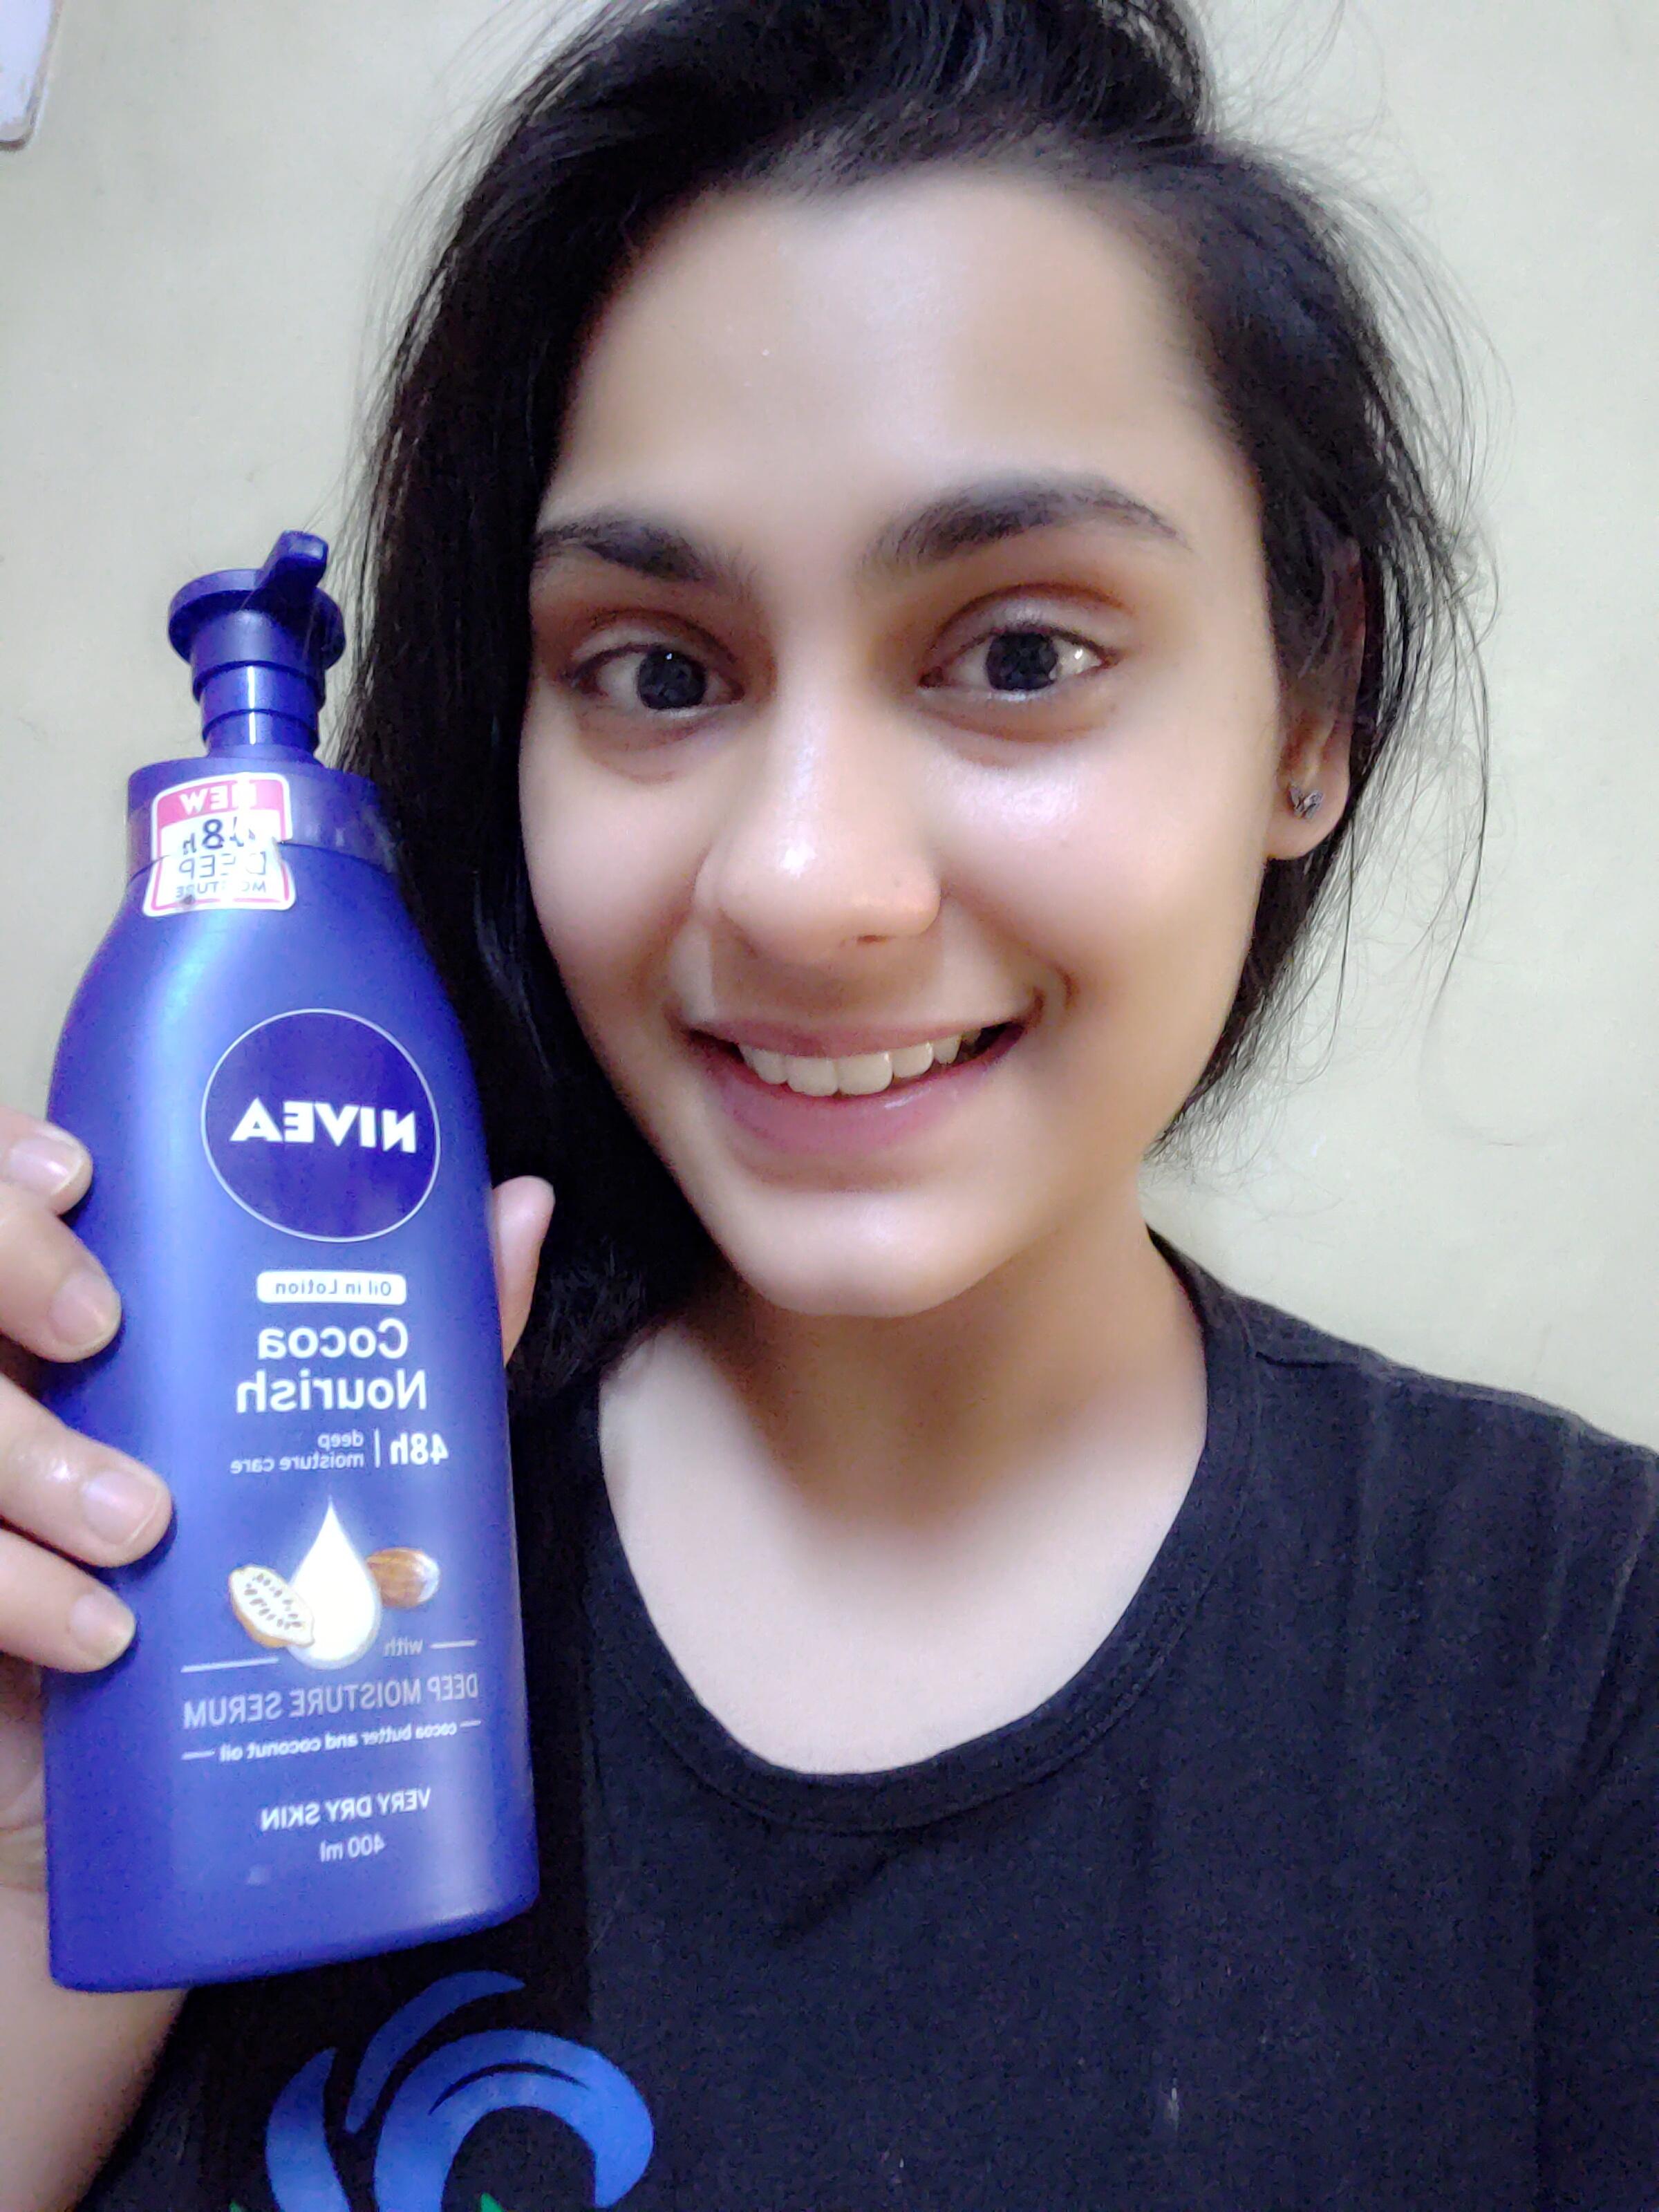 Nivea Cocoa Nourish Body Lotion -Hydrates skin-By apurva_singh